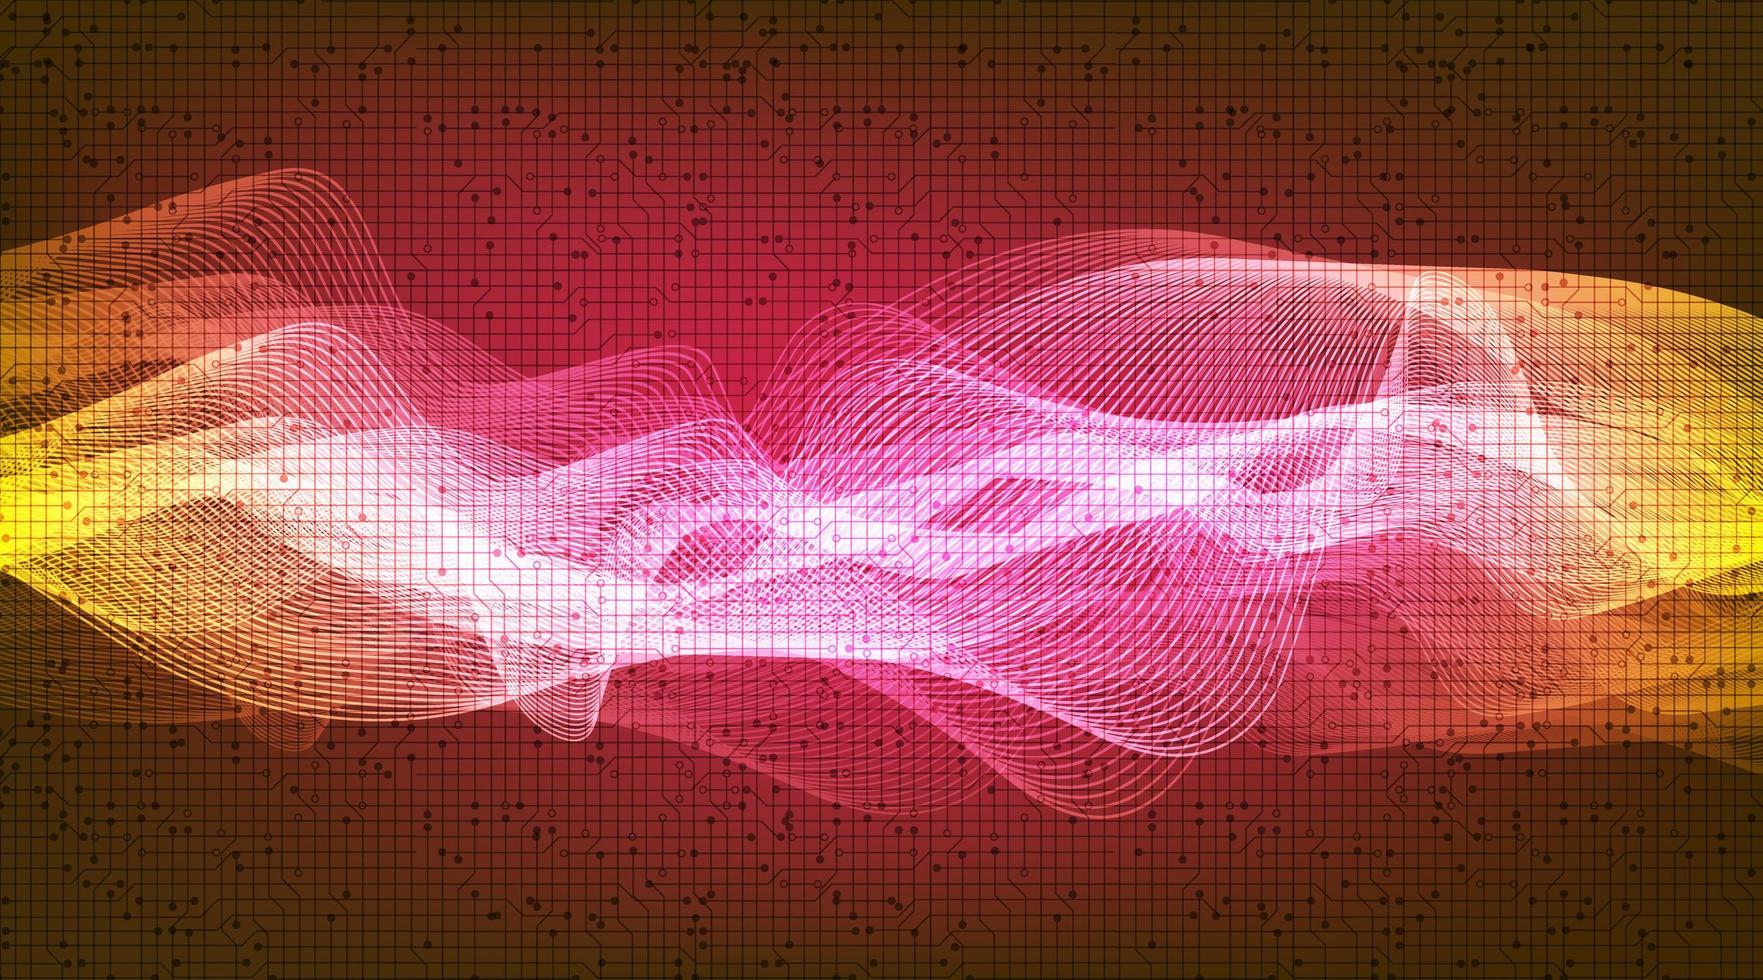 onda sonora digitale leggera e concetto di onde di terremoto, design per studio musicale e scienza vettore